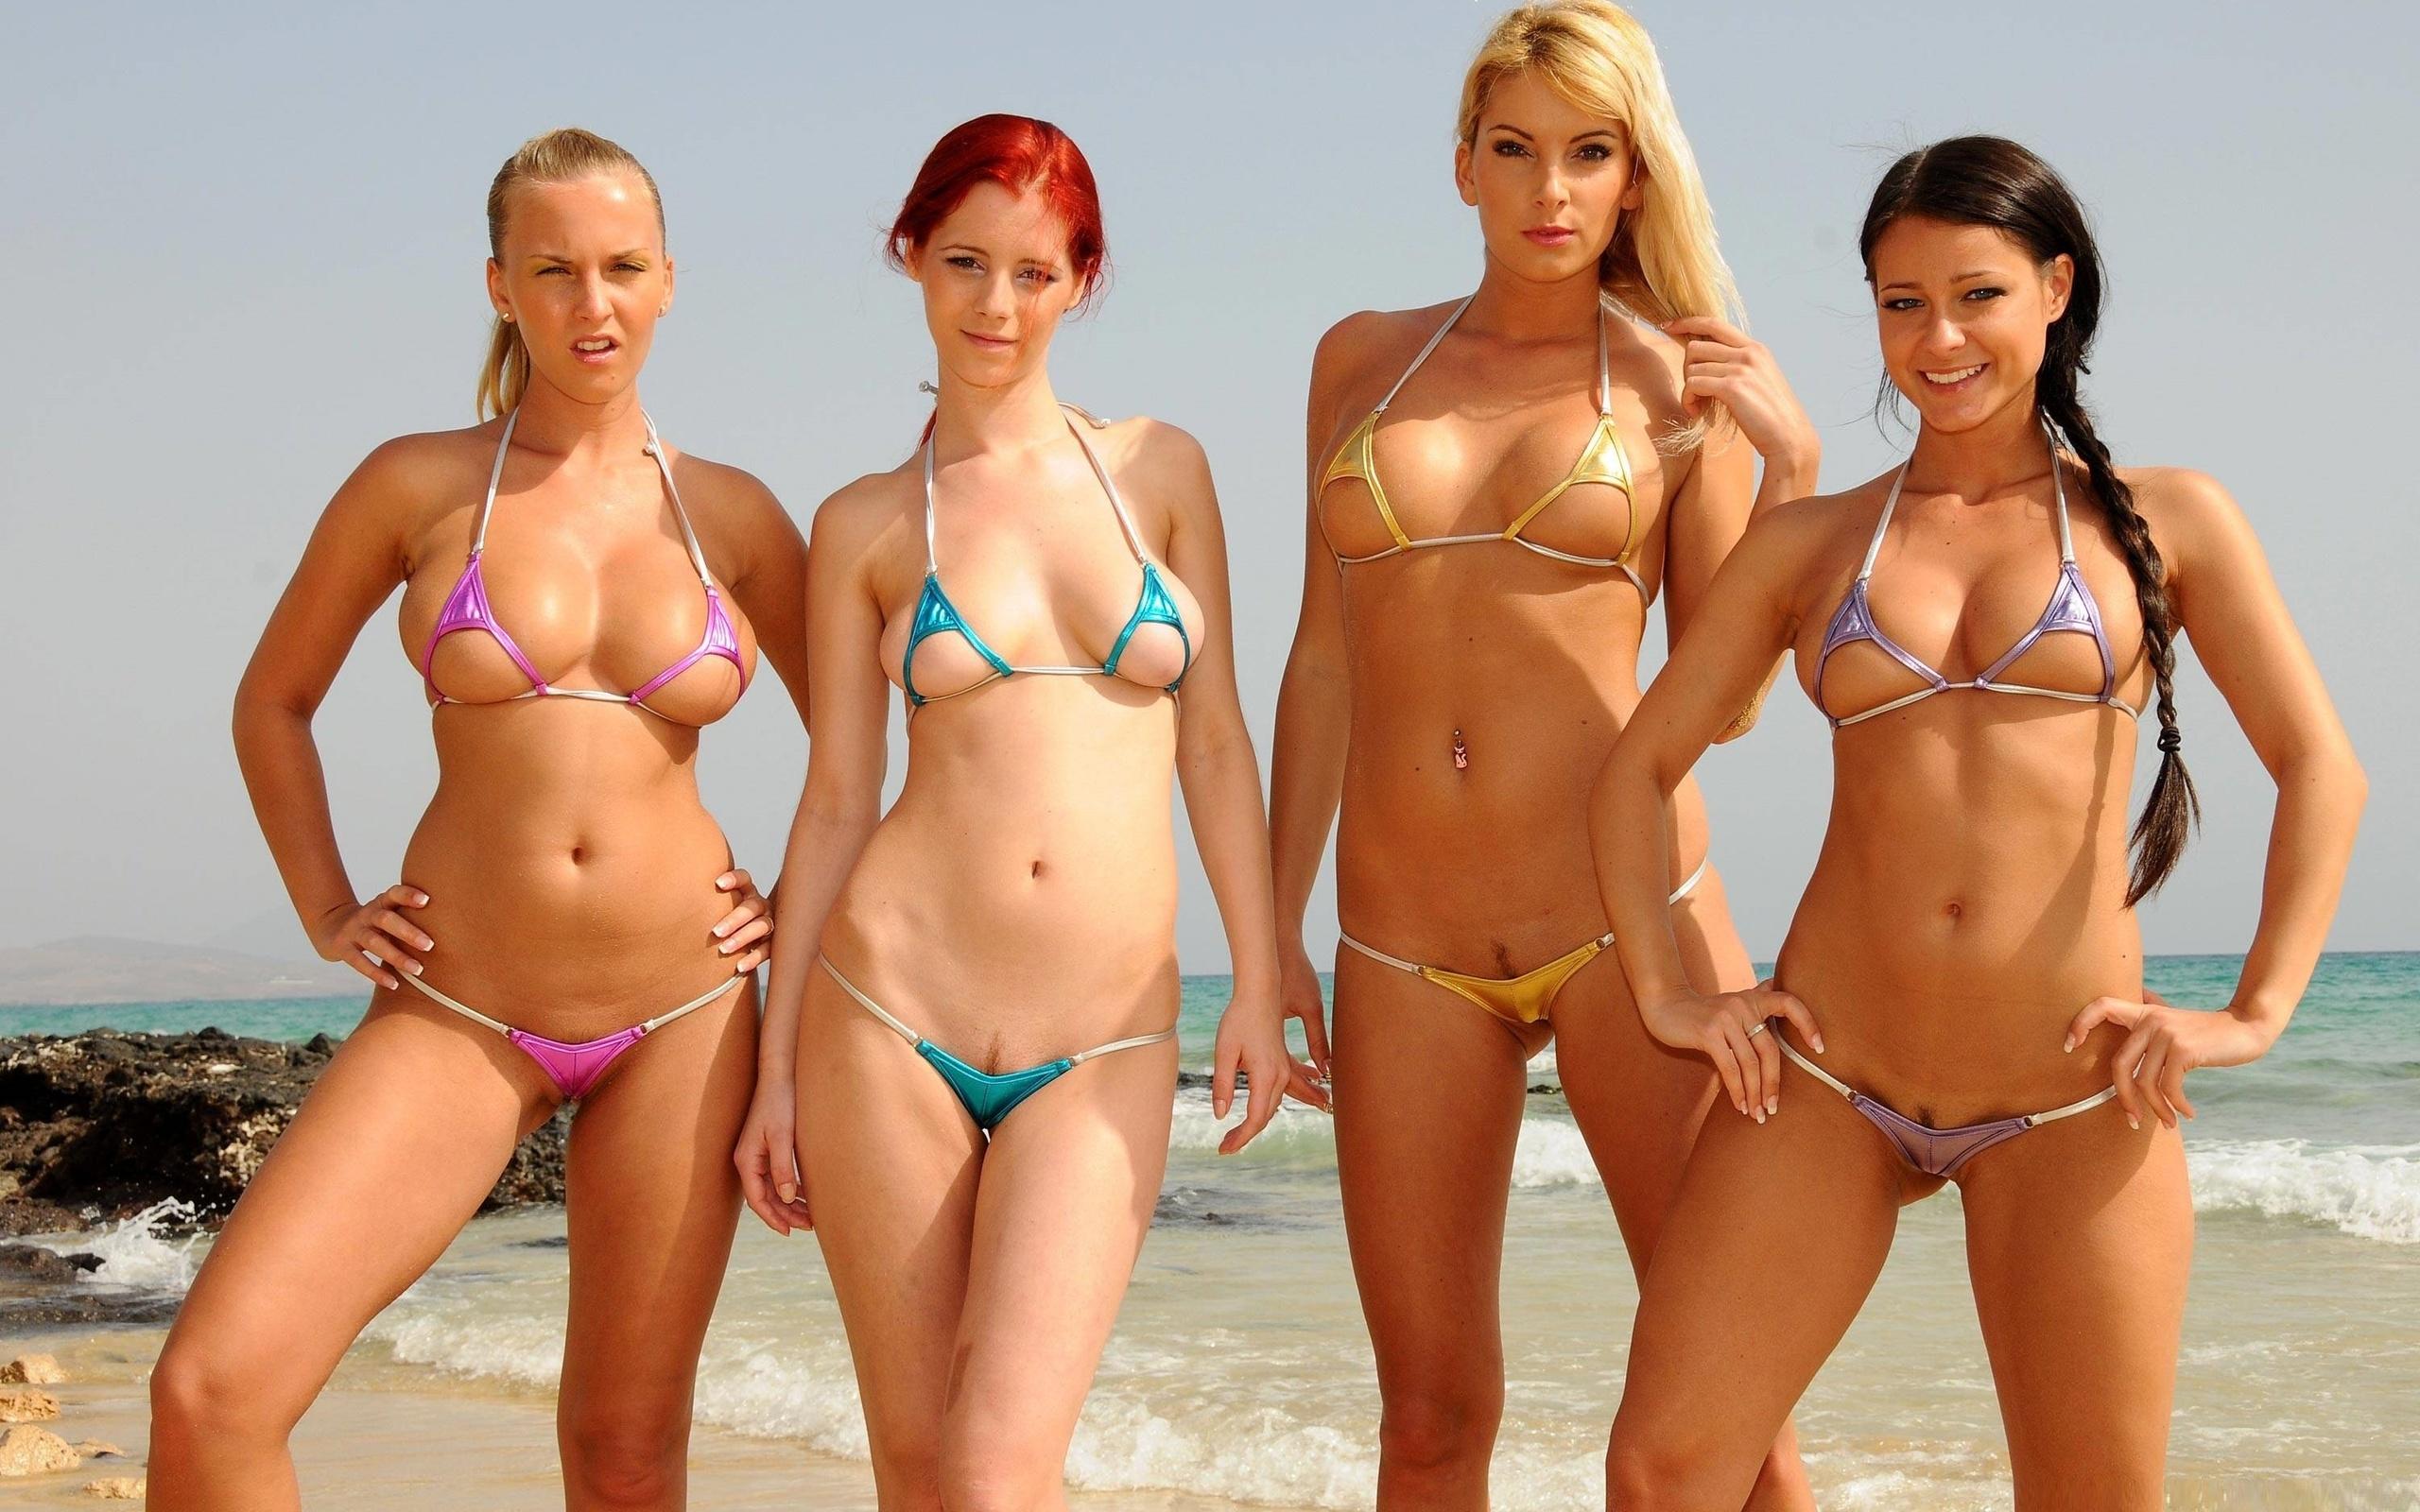 коллективе девушка сексуально позирует в микро бикини на берегу моря очаровательные телочки